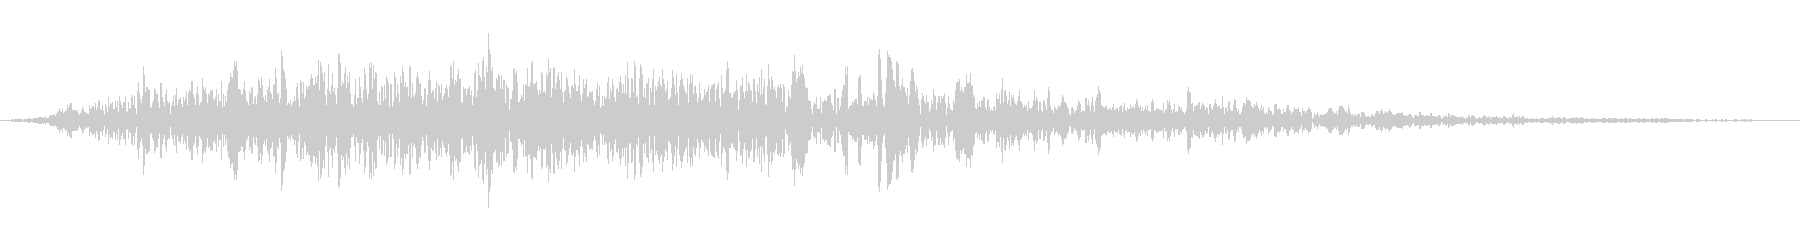 蹄EC04_78_1の未再生の波形